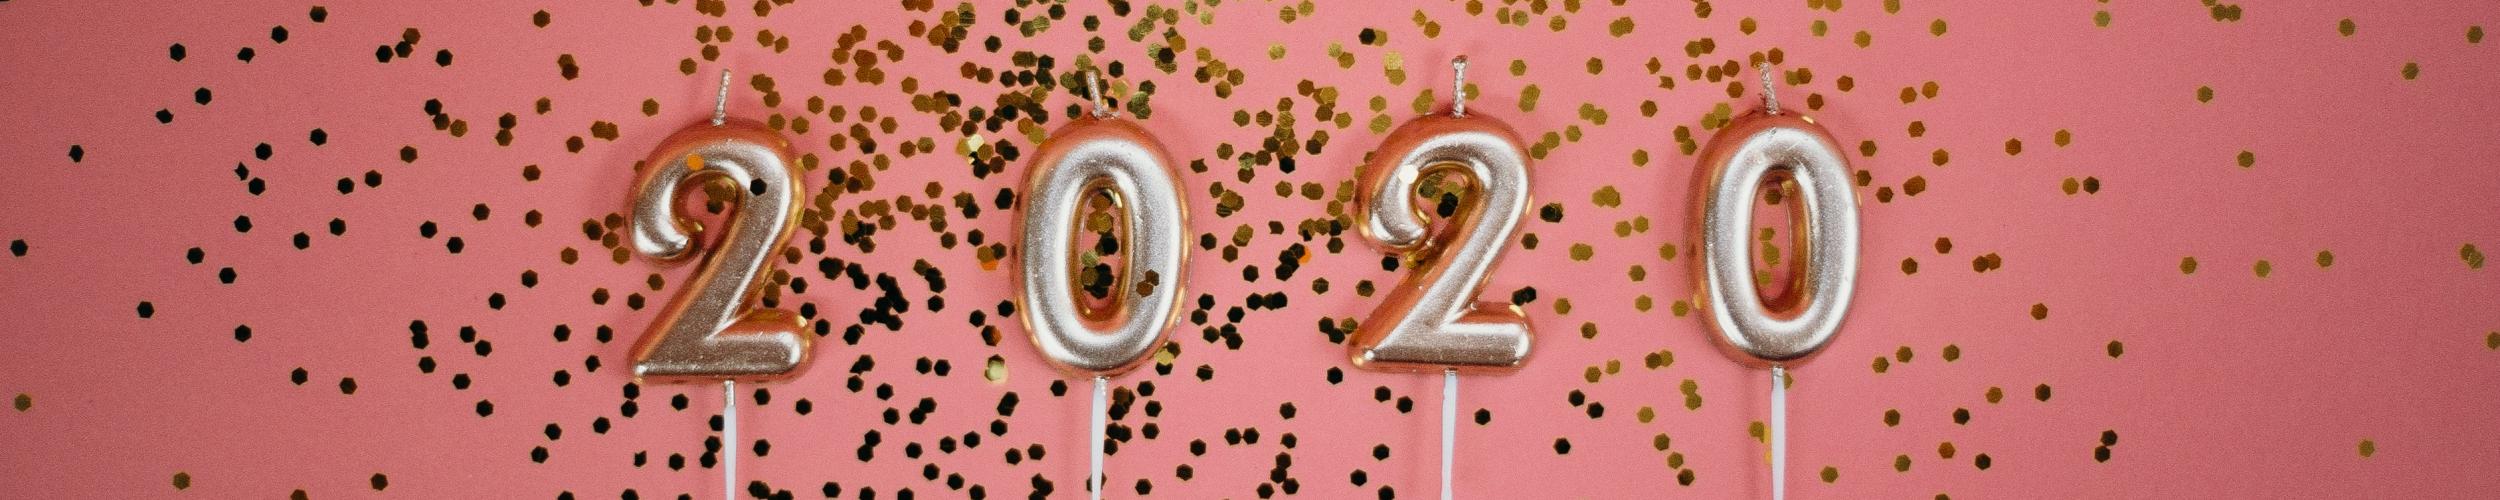 Nieuwjaarsreceptie 10 januari 2020